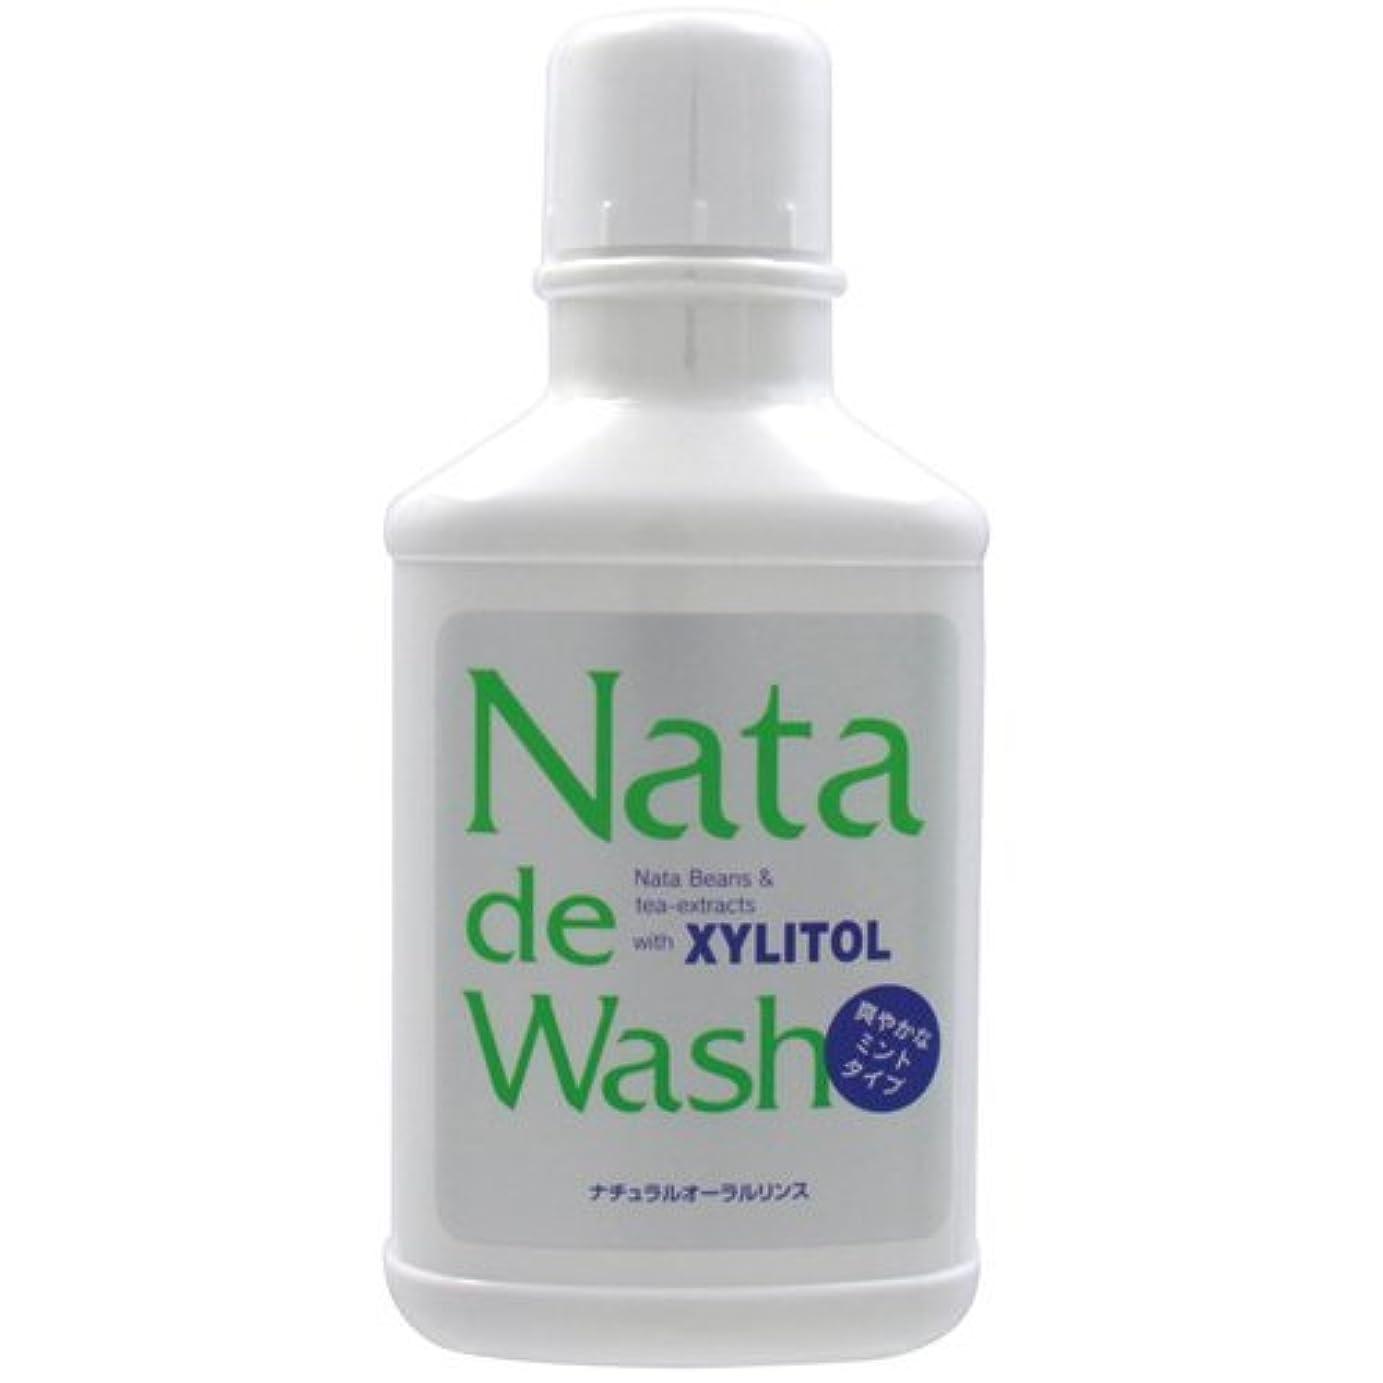 純度面白いラフナタデウォッシュ 500ml 口臭予防 歯磨きの後にお勧め ナタデ ウォッシュ